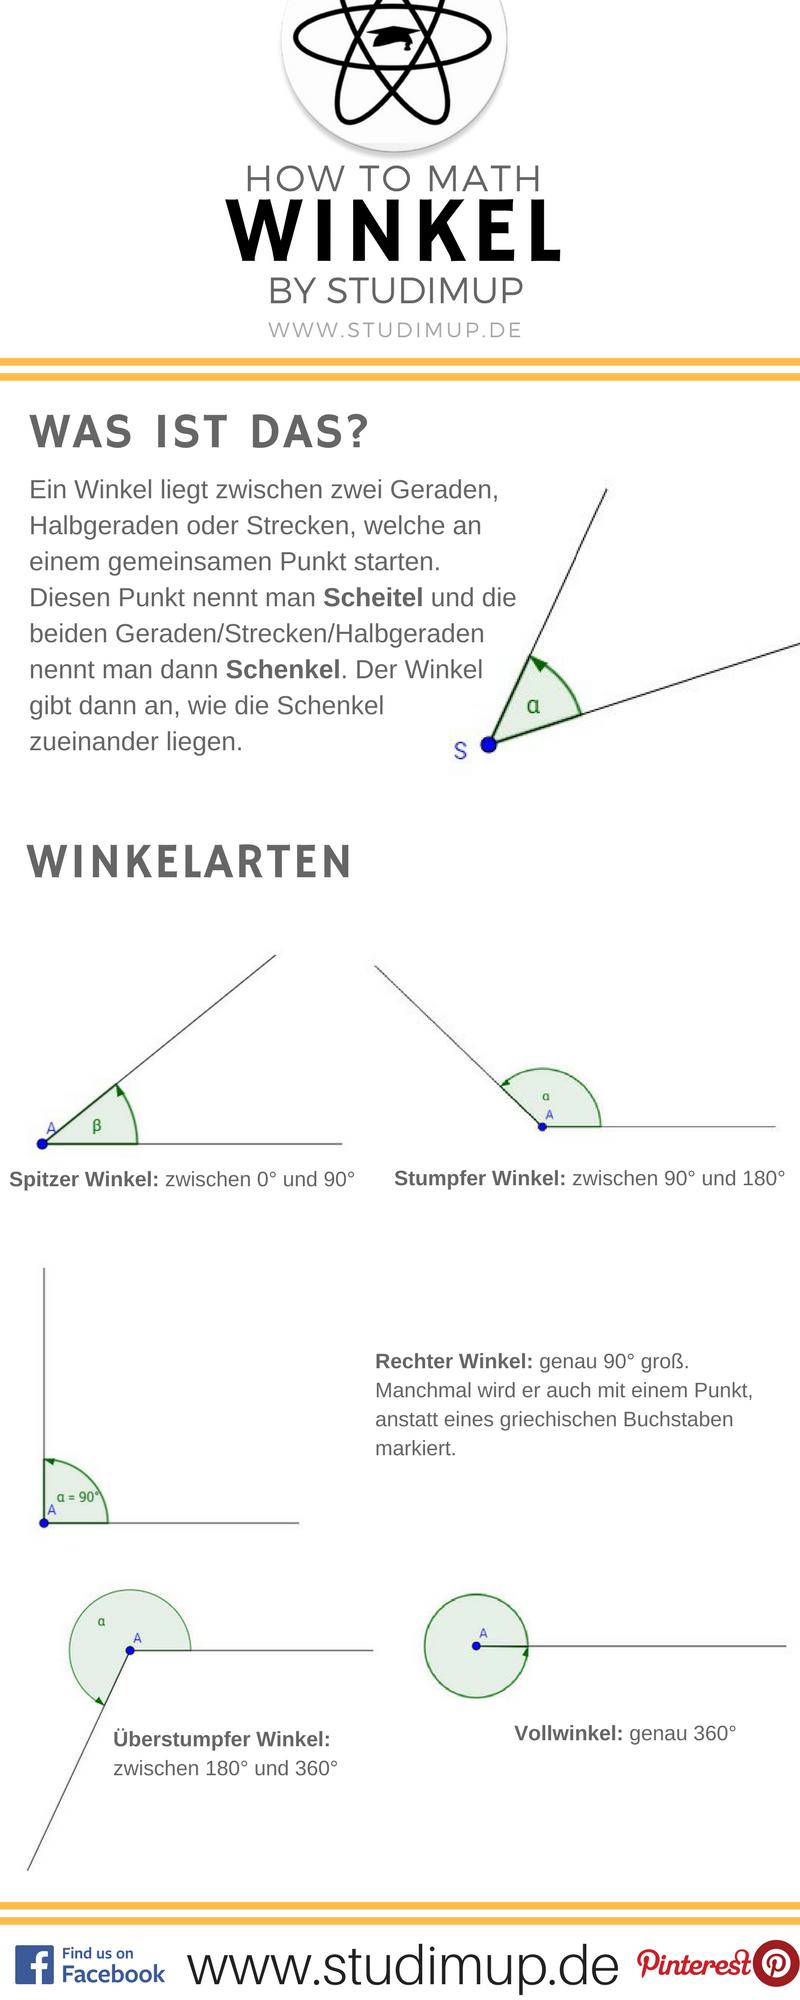 Mathe Spickzettel zum Thema Winkel. Mit allen Winkel Arten, wie ...